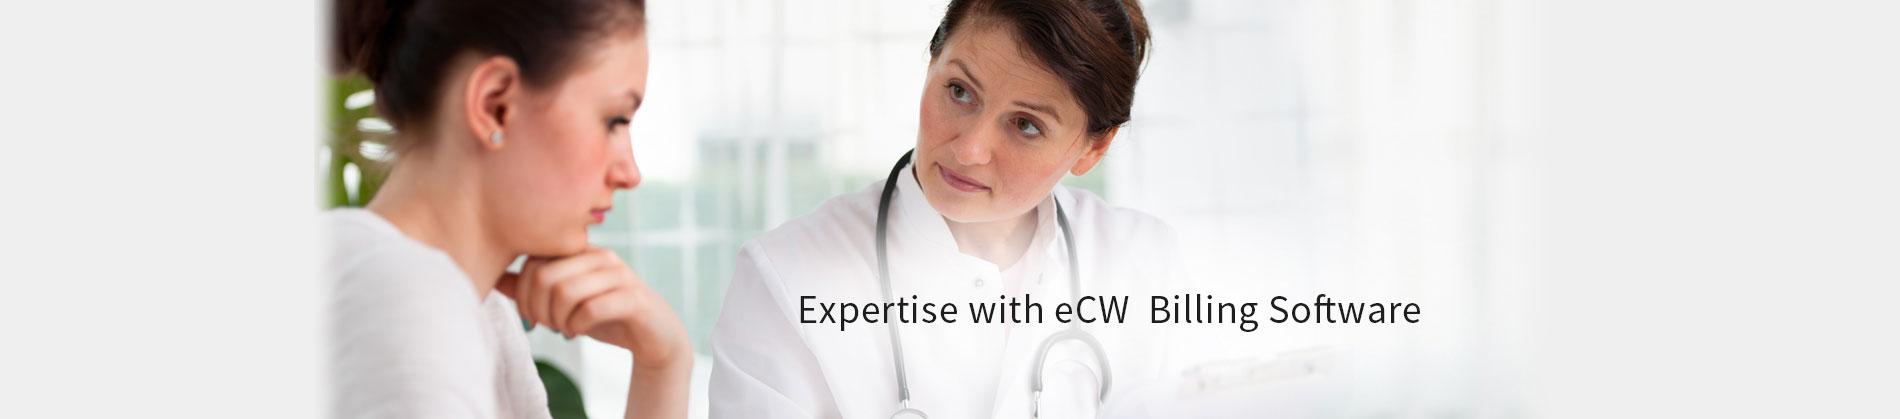 eCW Billing